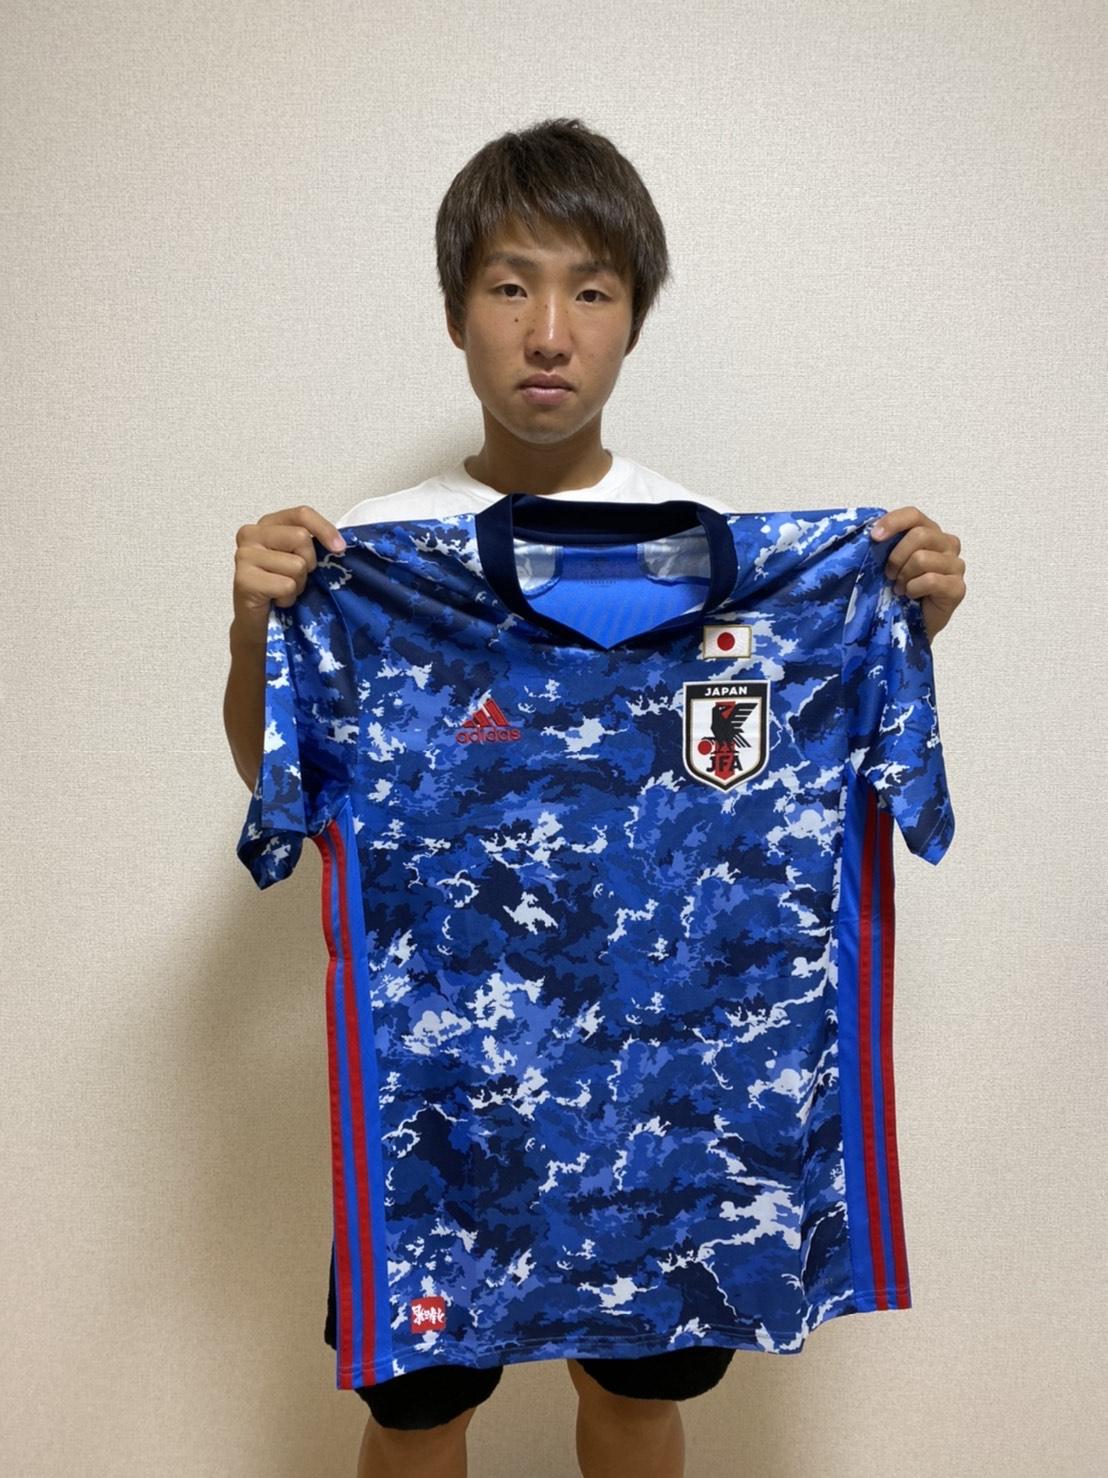 【直筆サイン入り公式】U-23日本代表 坂井 大将 選手(ガイナーレ鳥取)